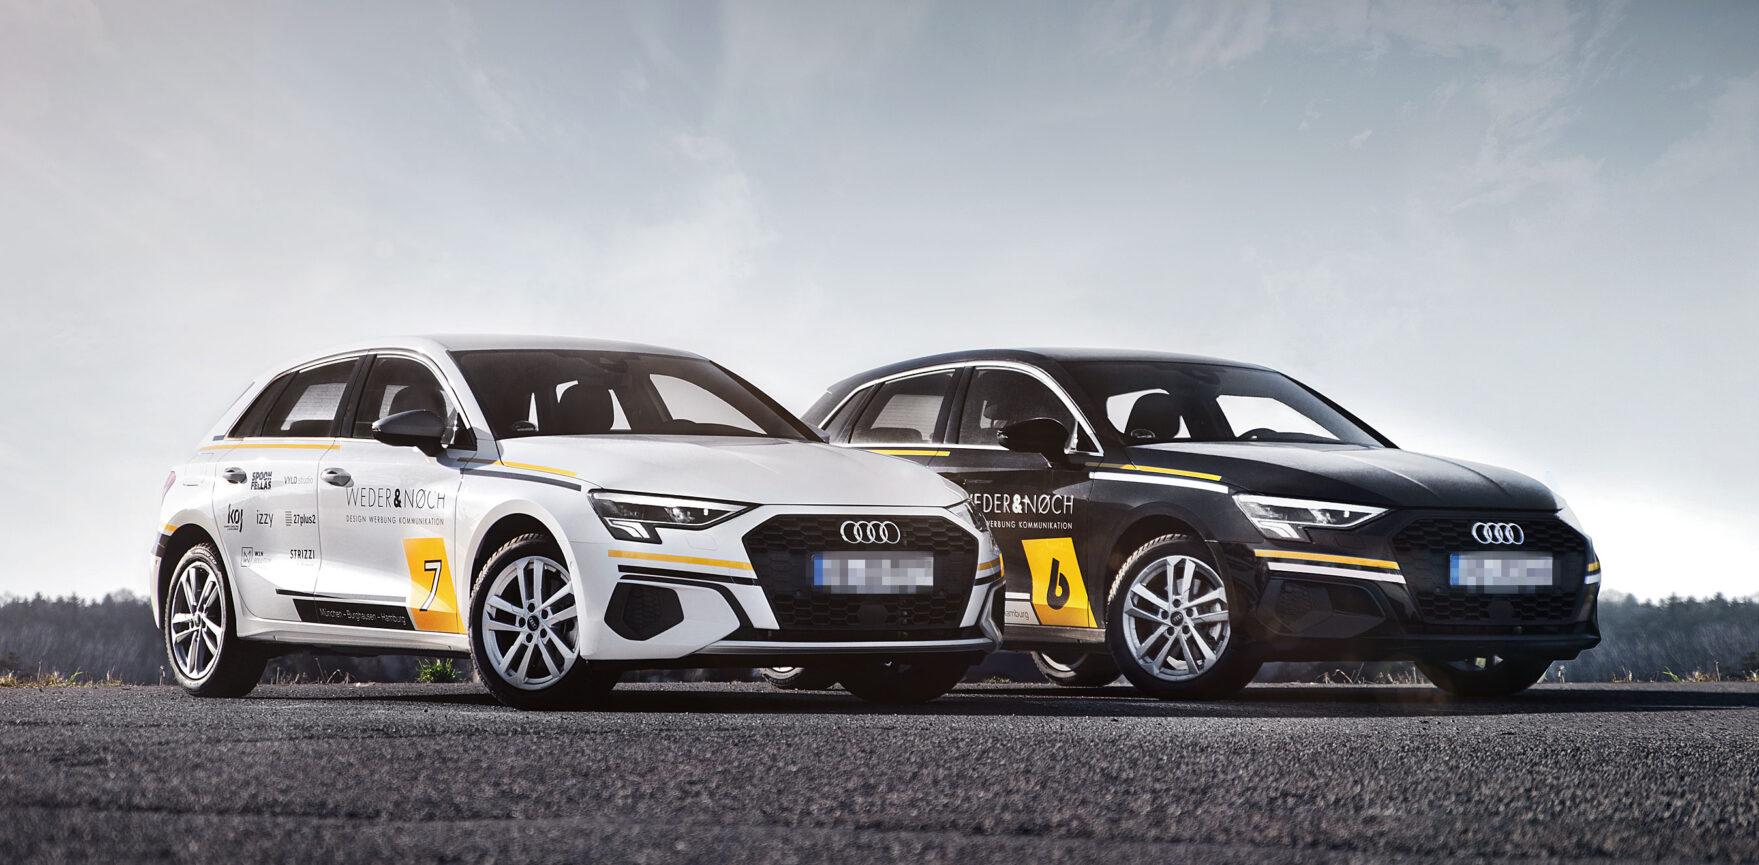 Weder & Noch Fahrzeugbeklebung Audi schwarz weiß